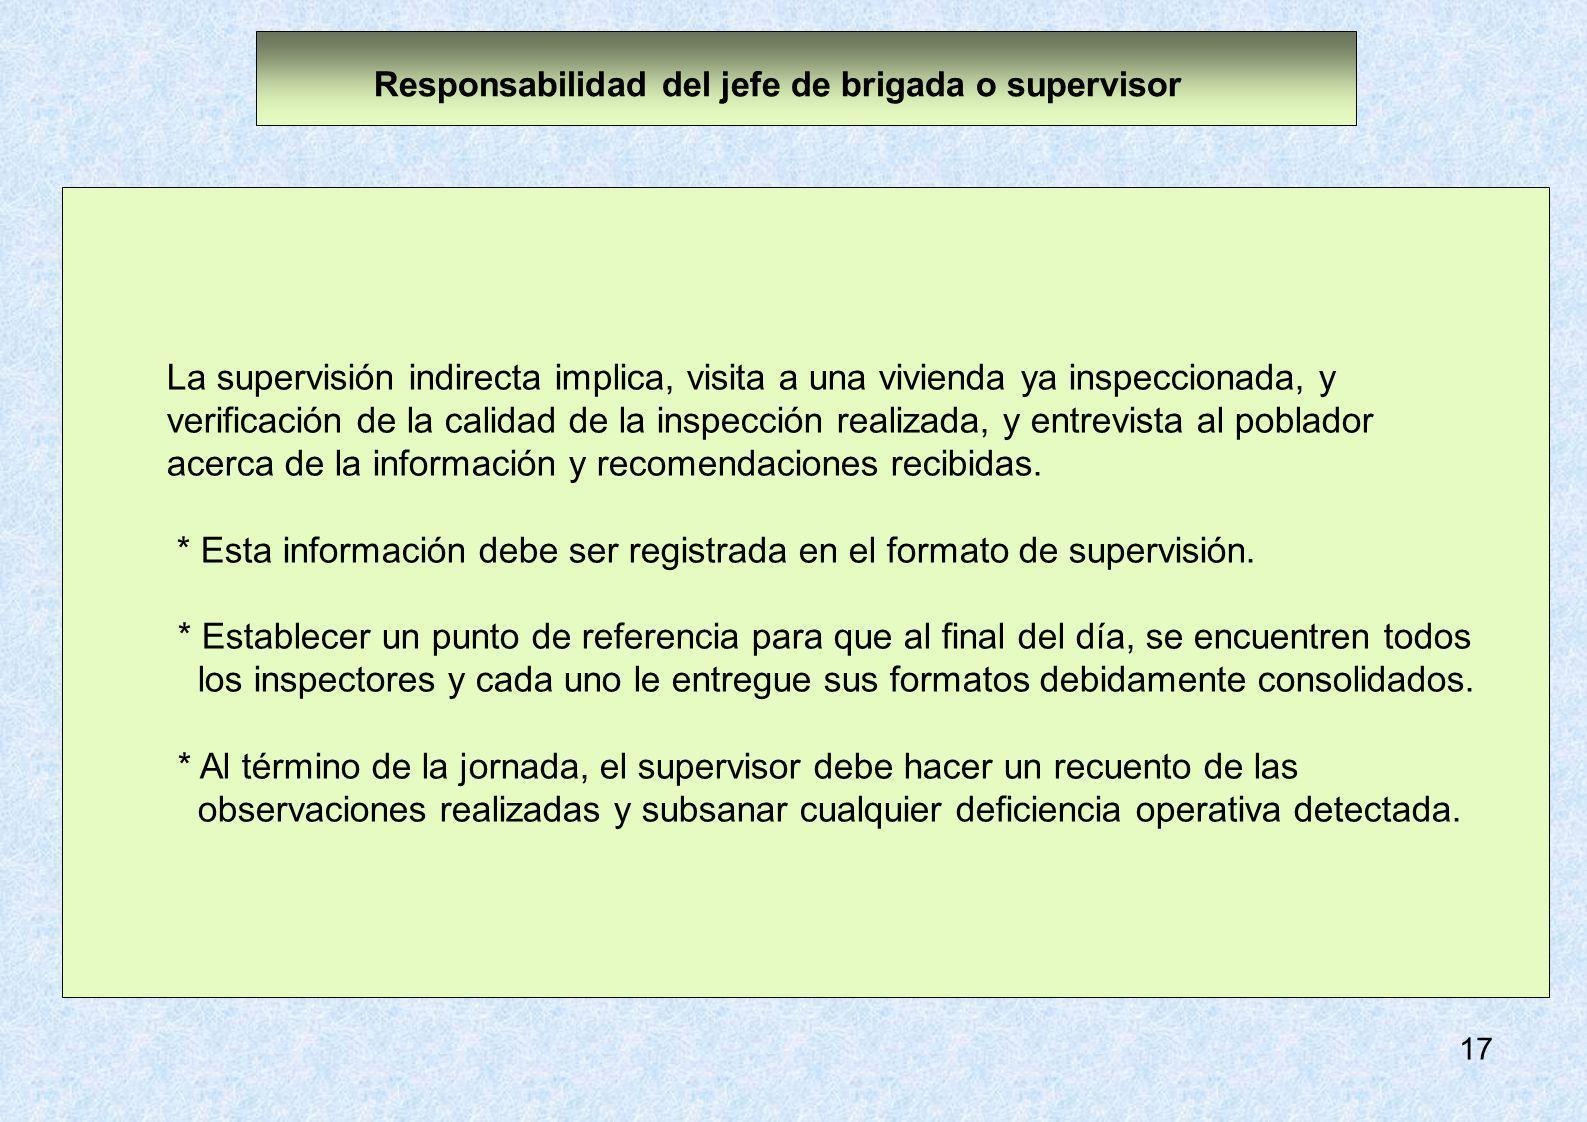 17 La supervisión indirecta implica, visita a una vivienda ya inspeccionada, y verificación de la calidad de la inspección realizada, y entrevista al